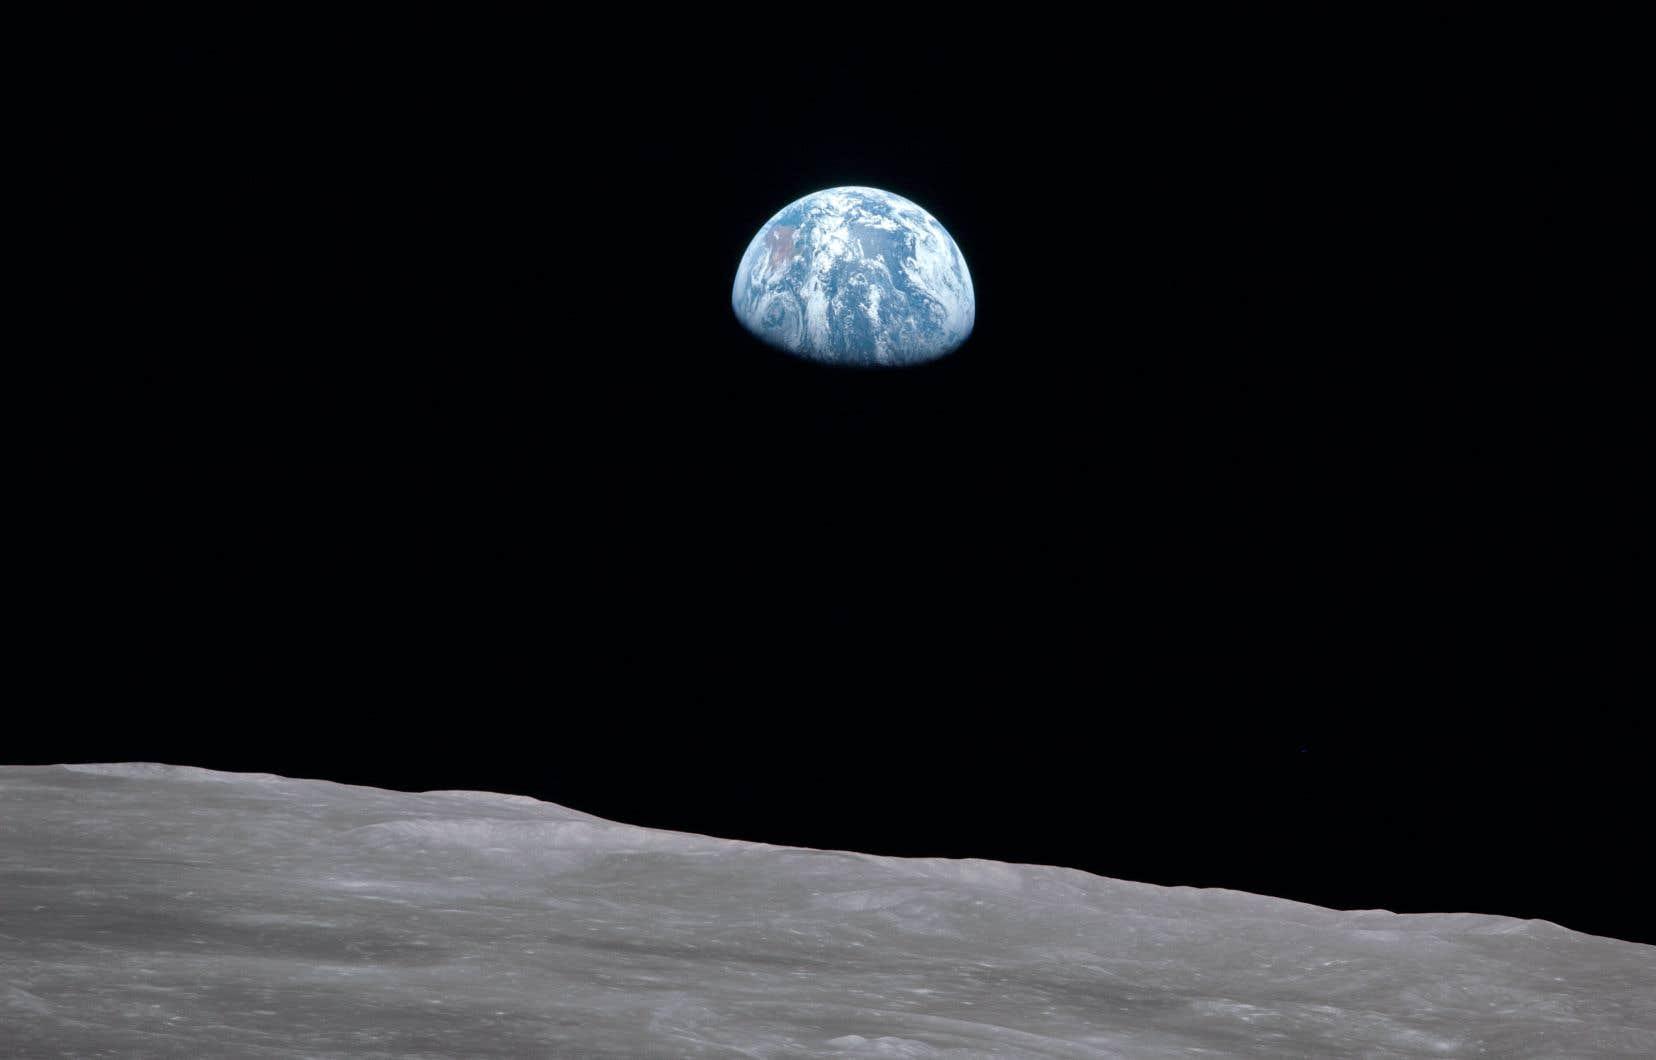 L'astronaute Bill Anders a pris deux photos en couleurs du lever de la Terre. Celle-ci est la première et deviendra l'un des clichés les plus célèbres du XXesiècle.